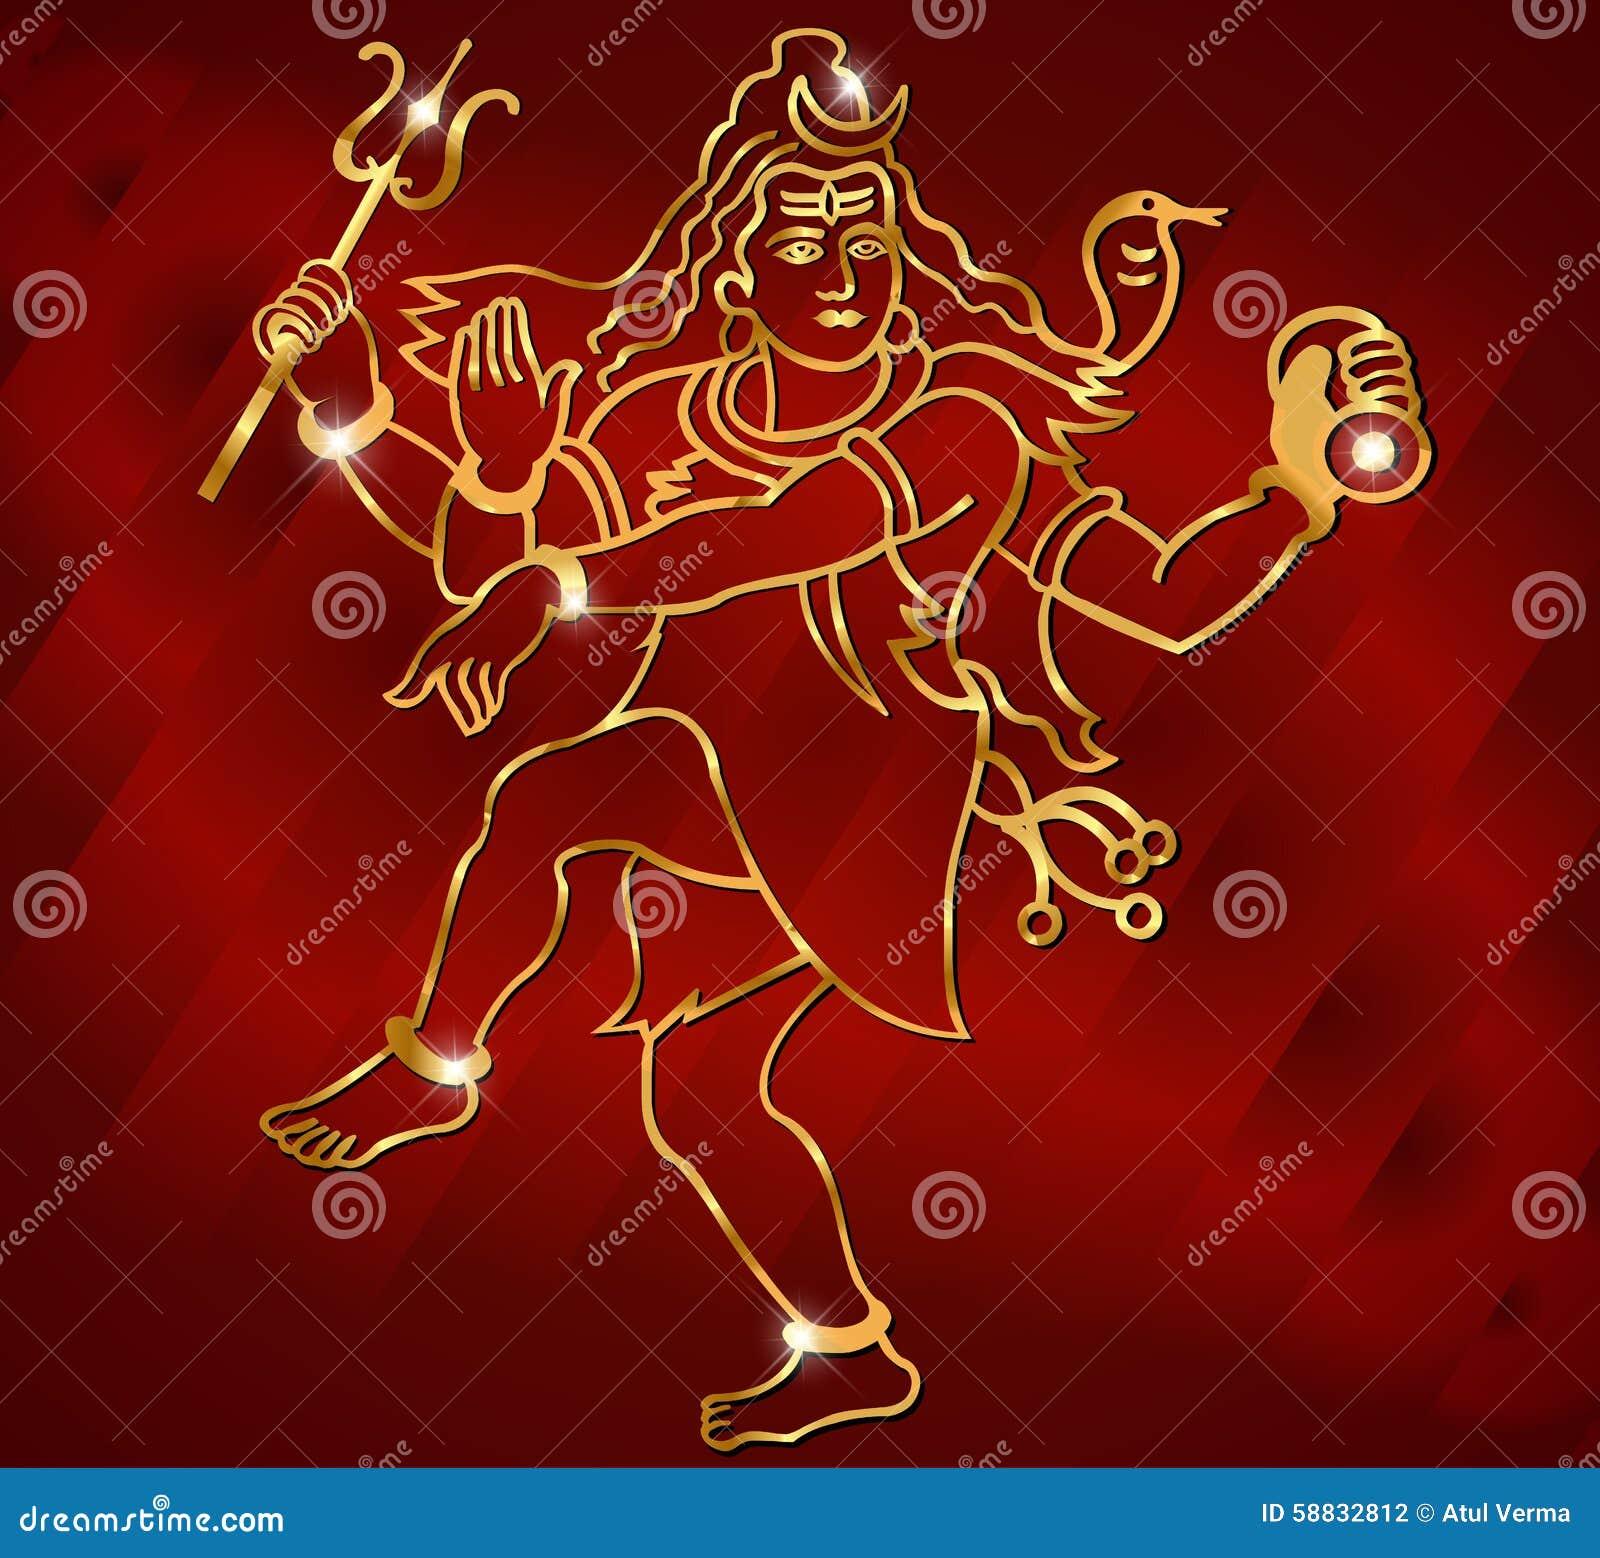 Signore Shiva della divinità indù su un fondo rosso scintillante